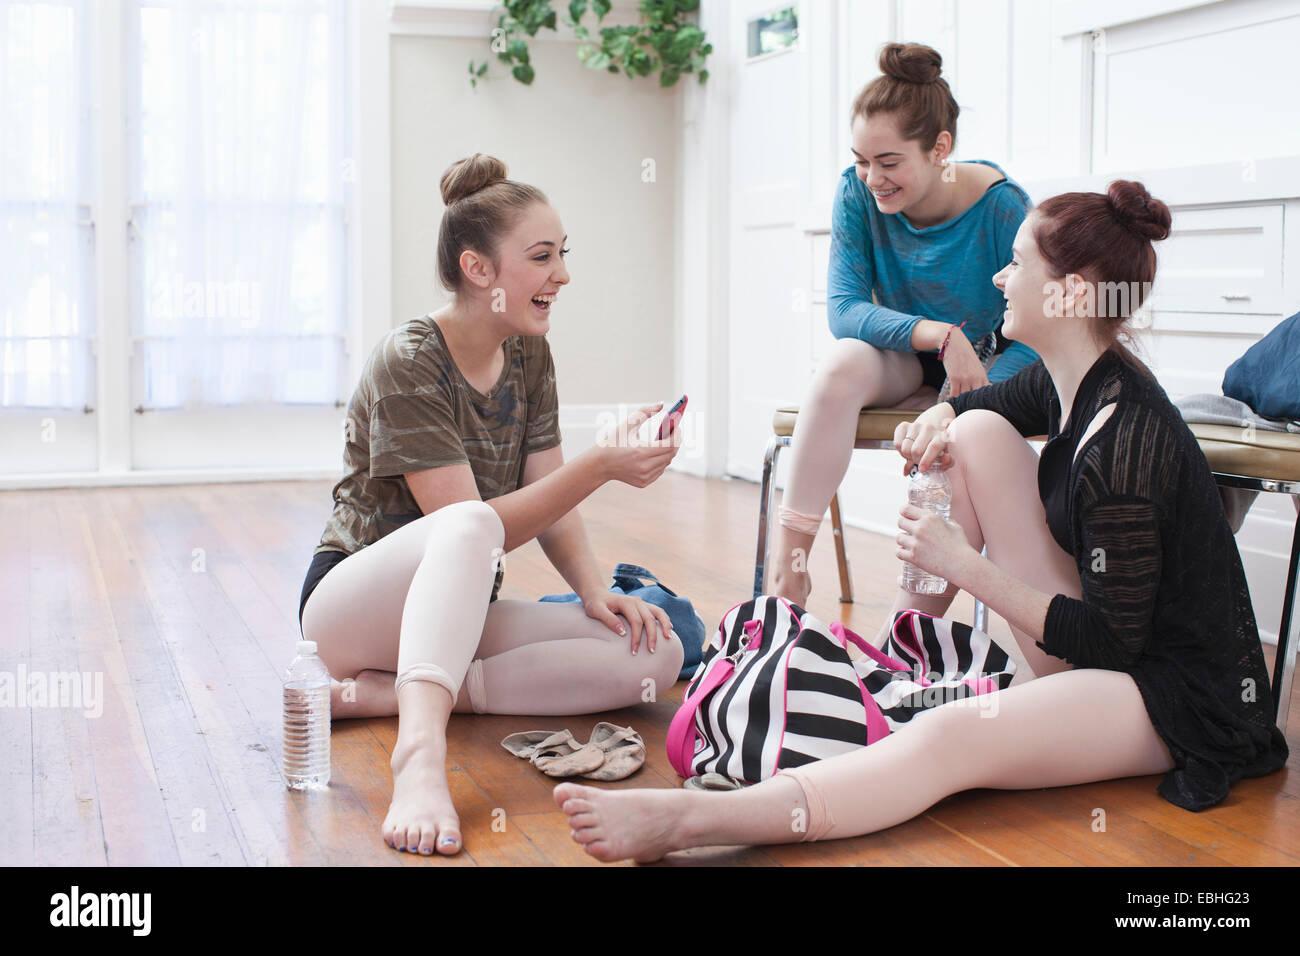 Drei Mädchen im Teenageralter plaudern und Lachen in der Ballettschule Stockbild